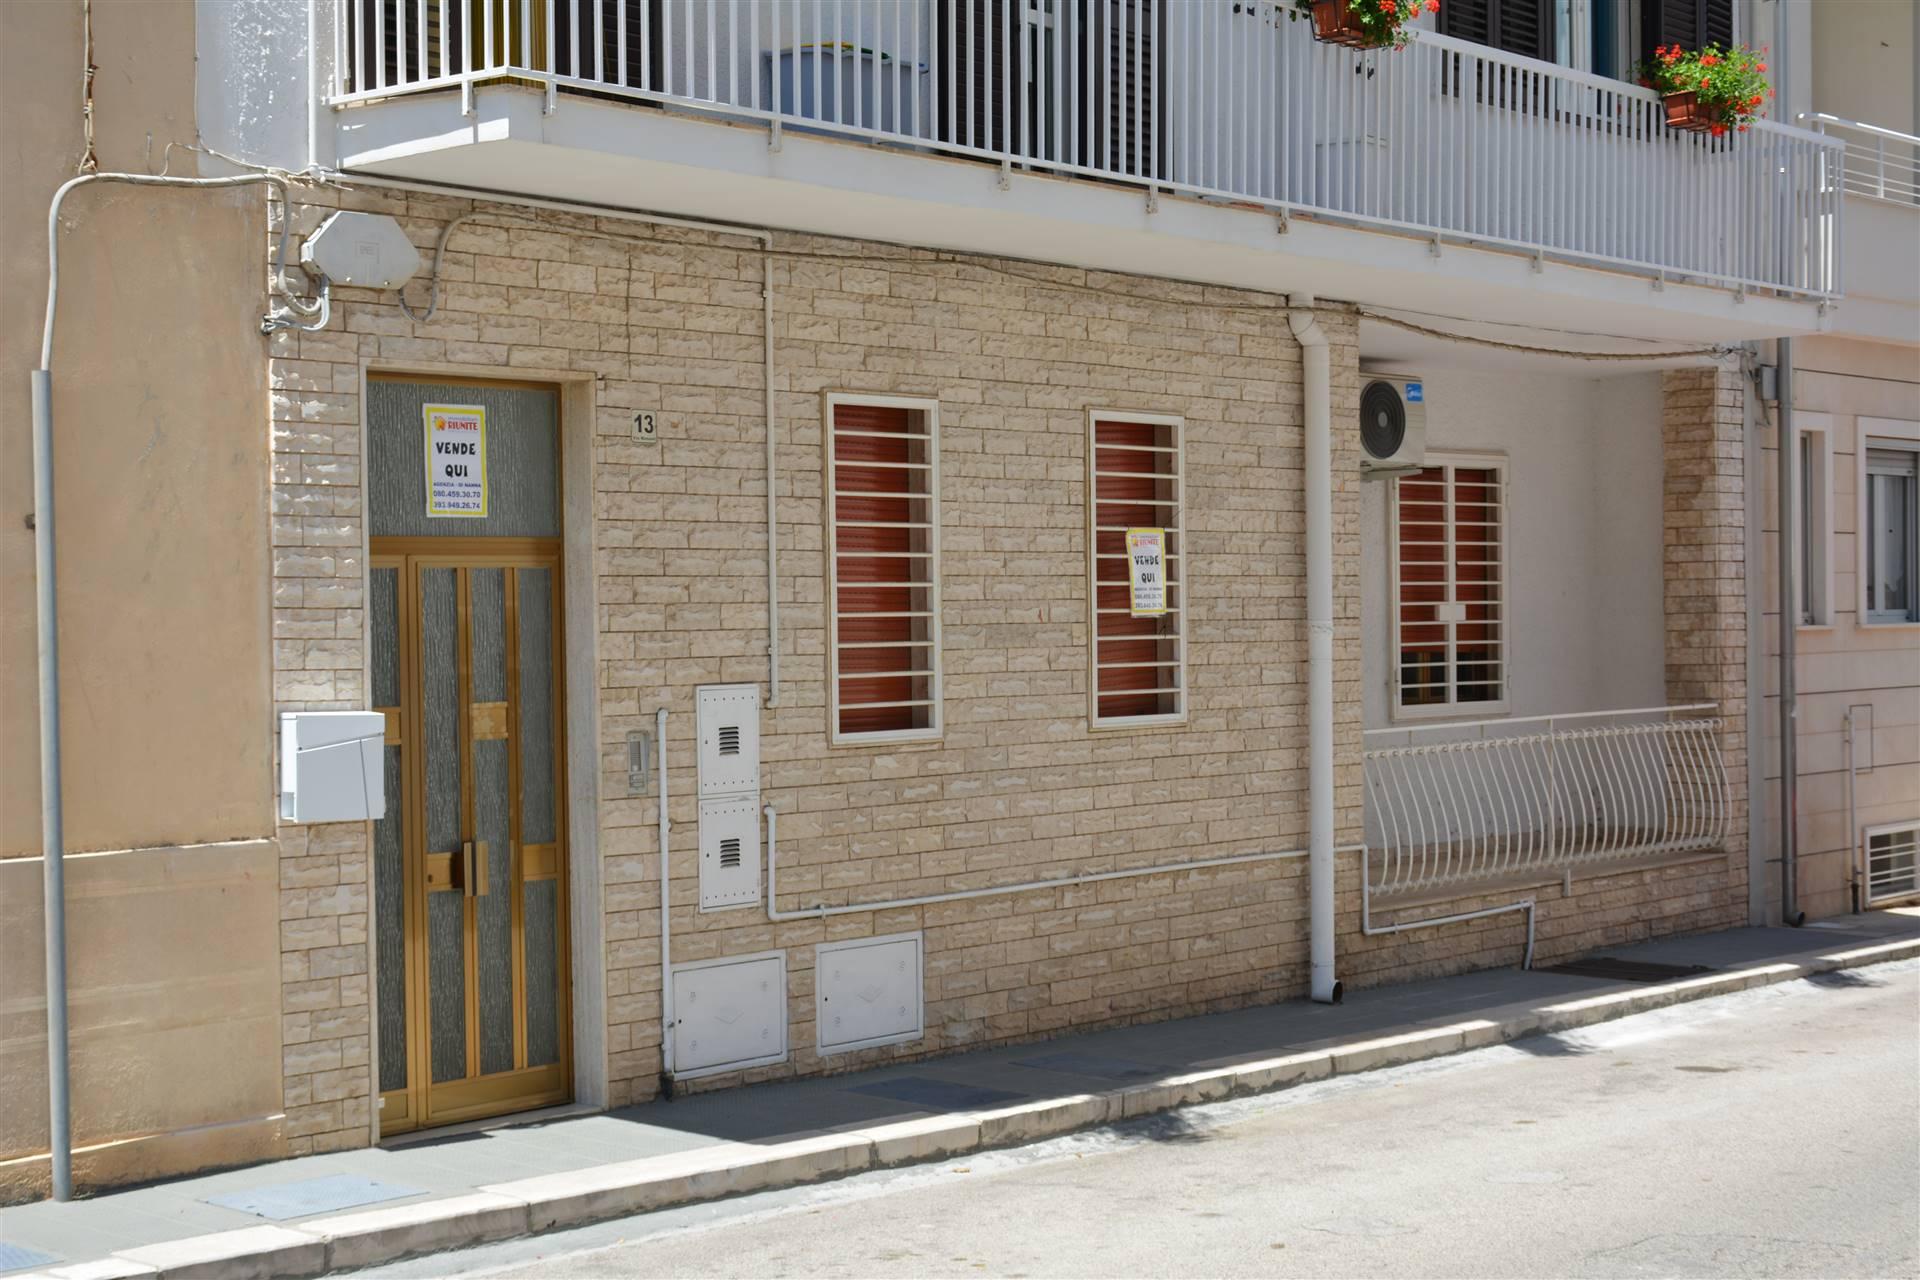 Soluzione Indipendente in vendita a Adelfia, 3 locali, zona Zona: Montrone, prezzo € 130.000 | CambioCasa.it